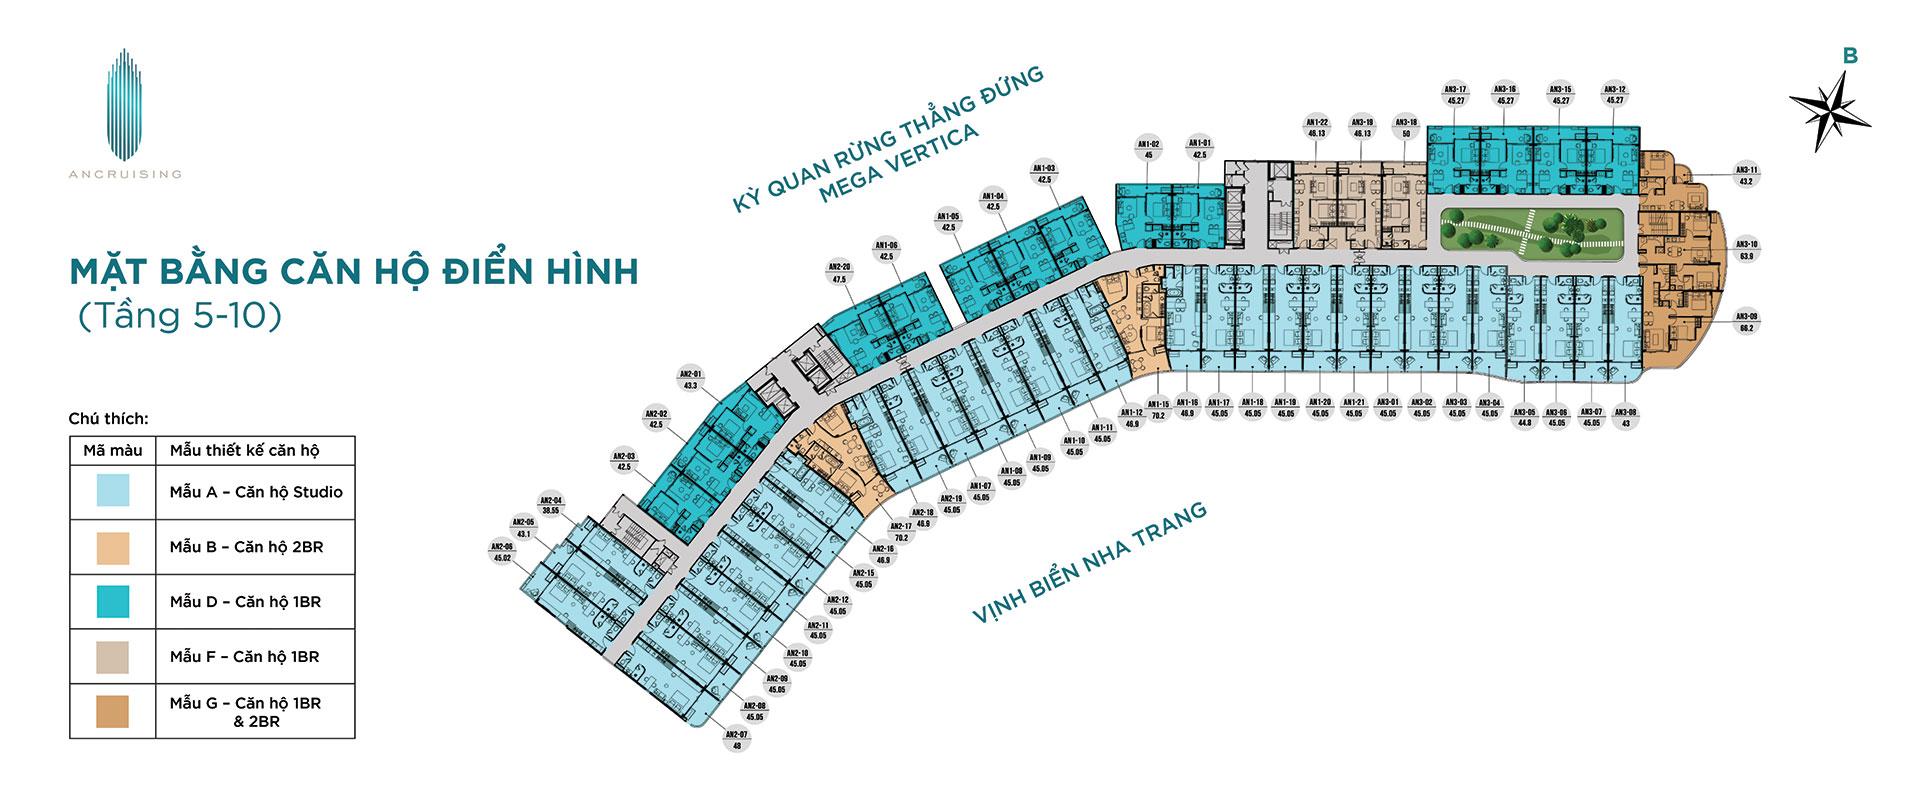 Mặt bằng tầng 5-10 dự án ANCruising Nha Trang